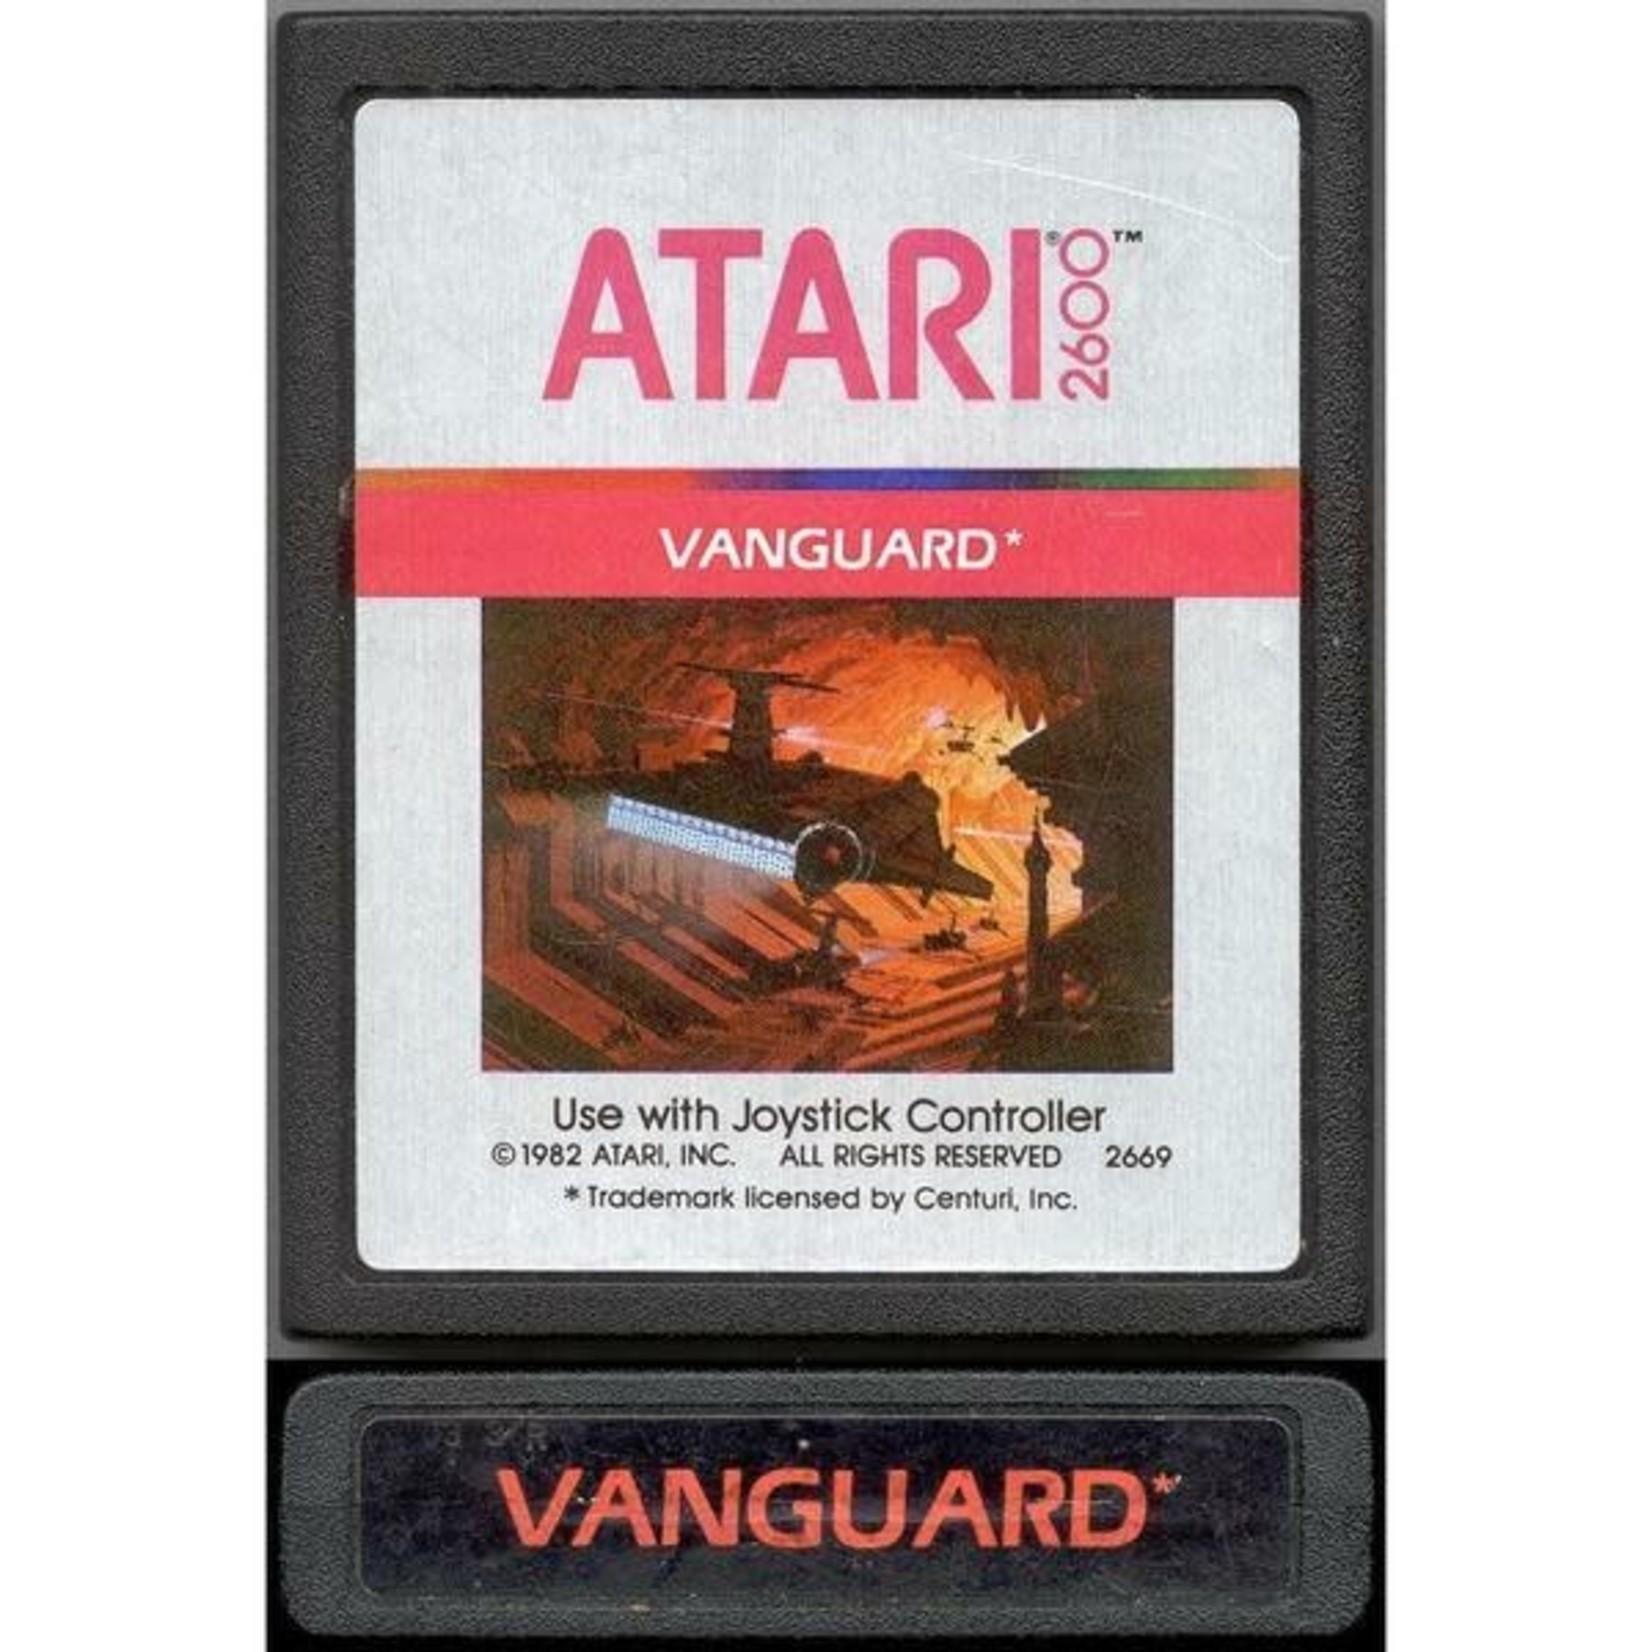 atariu- vanguard (cart only)